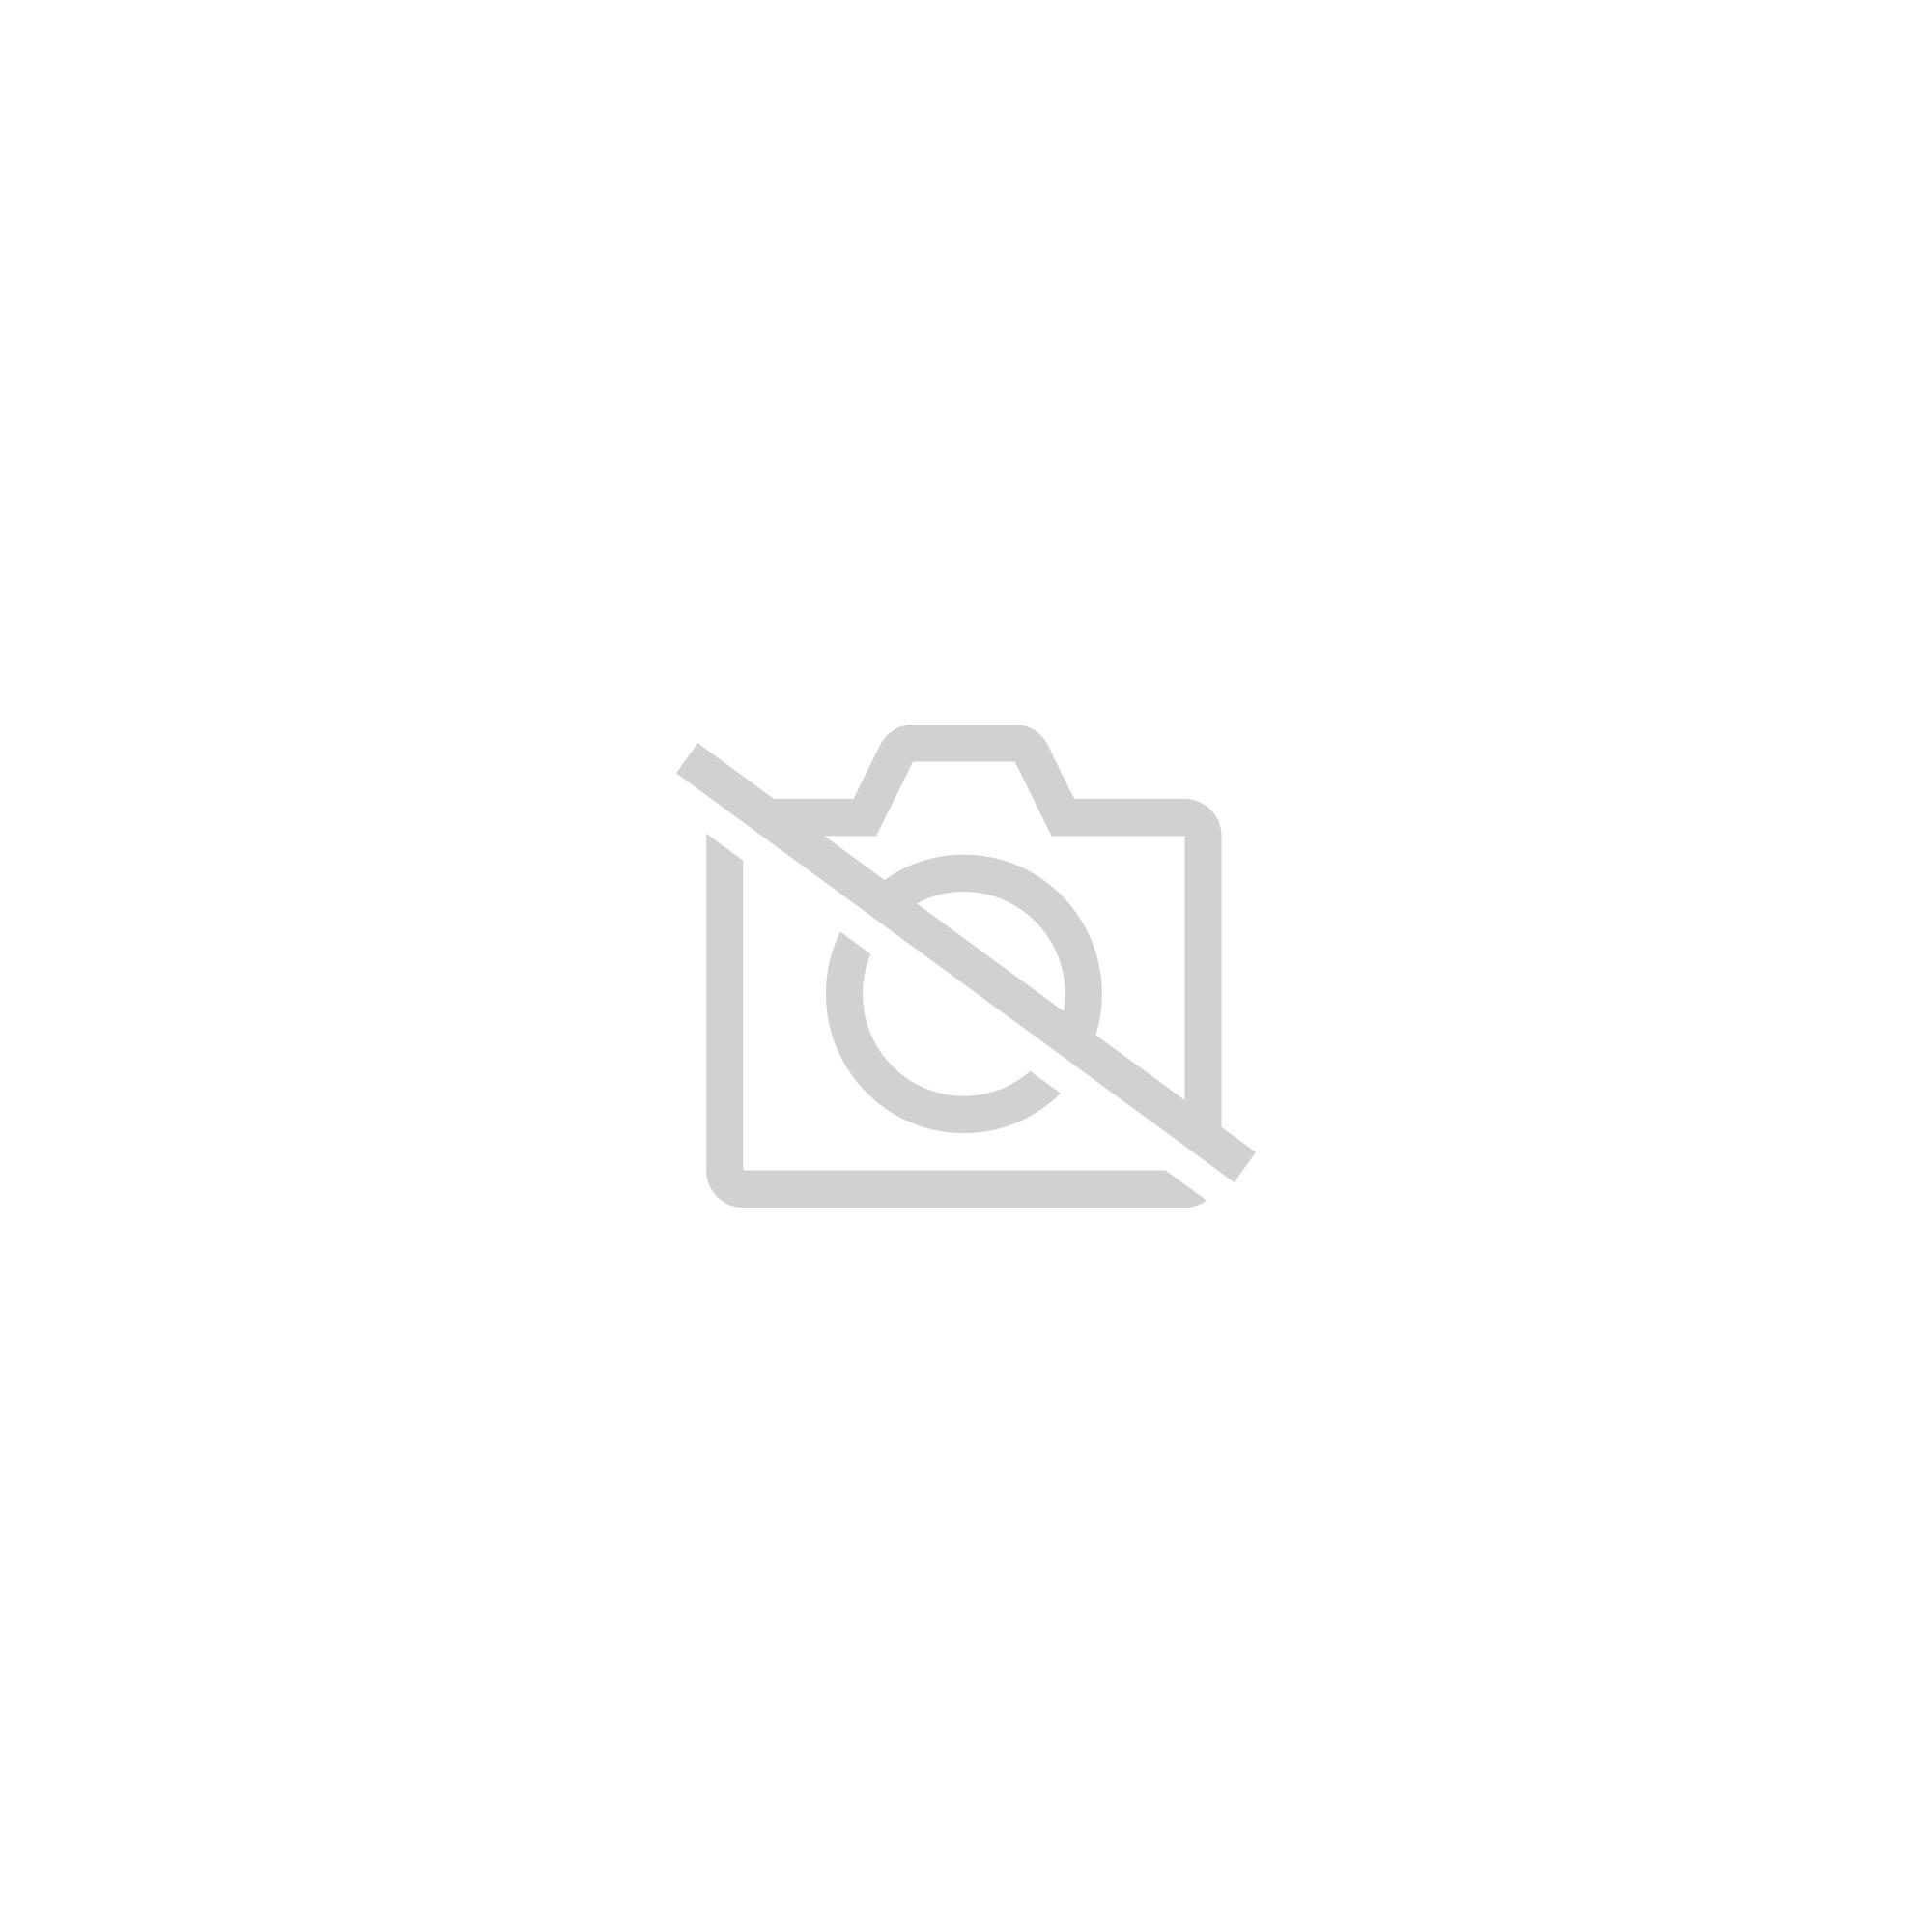 FRAISES LIMES CARBURE DE TUNGSTENE ASSORTIMENT DE 5 FRAISES DIAM 10 mm